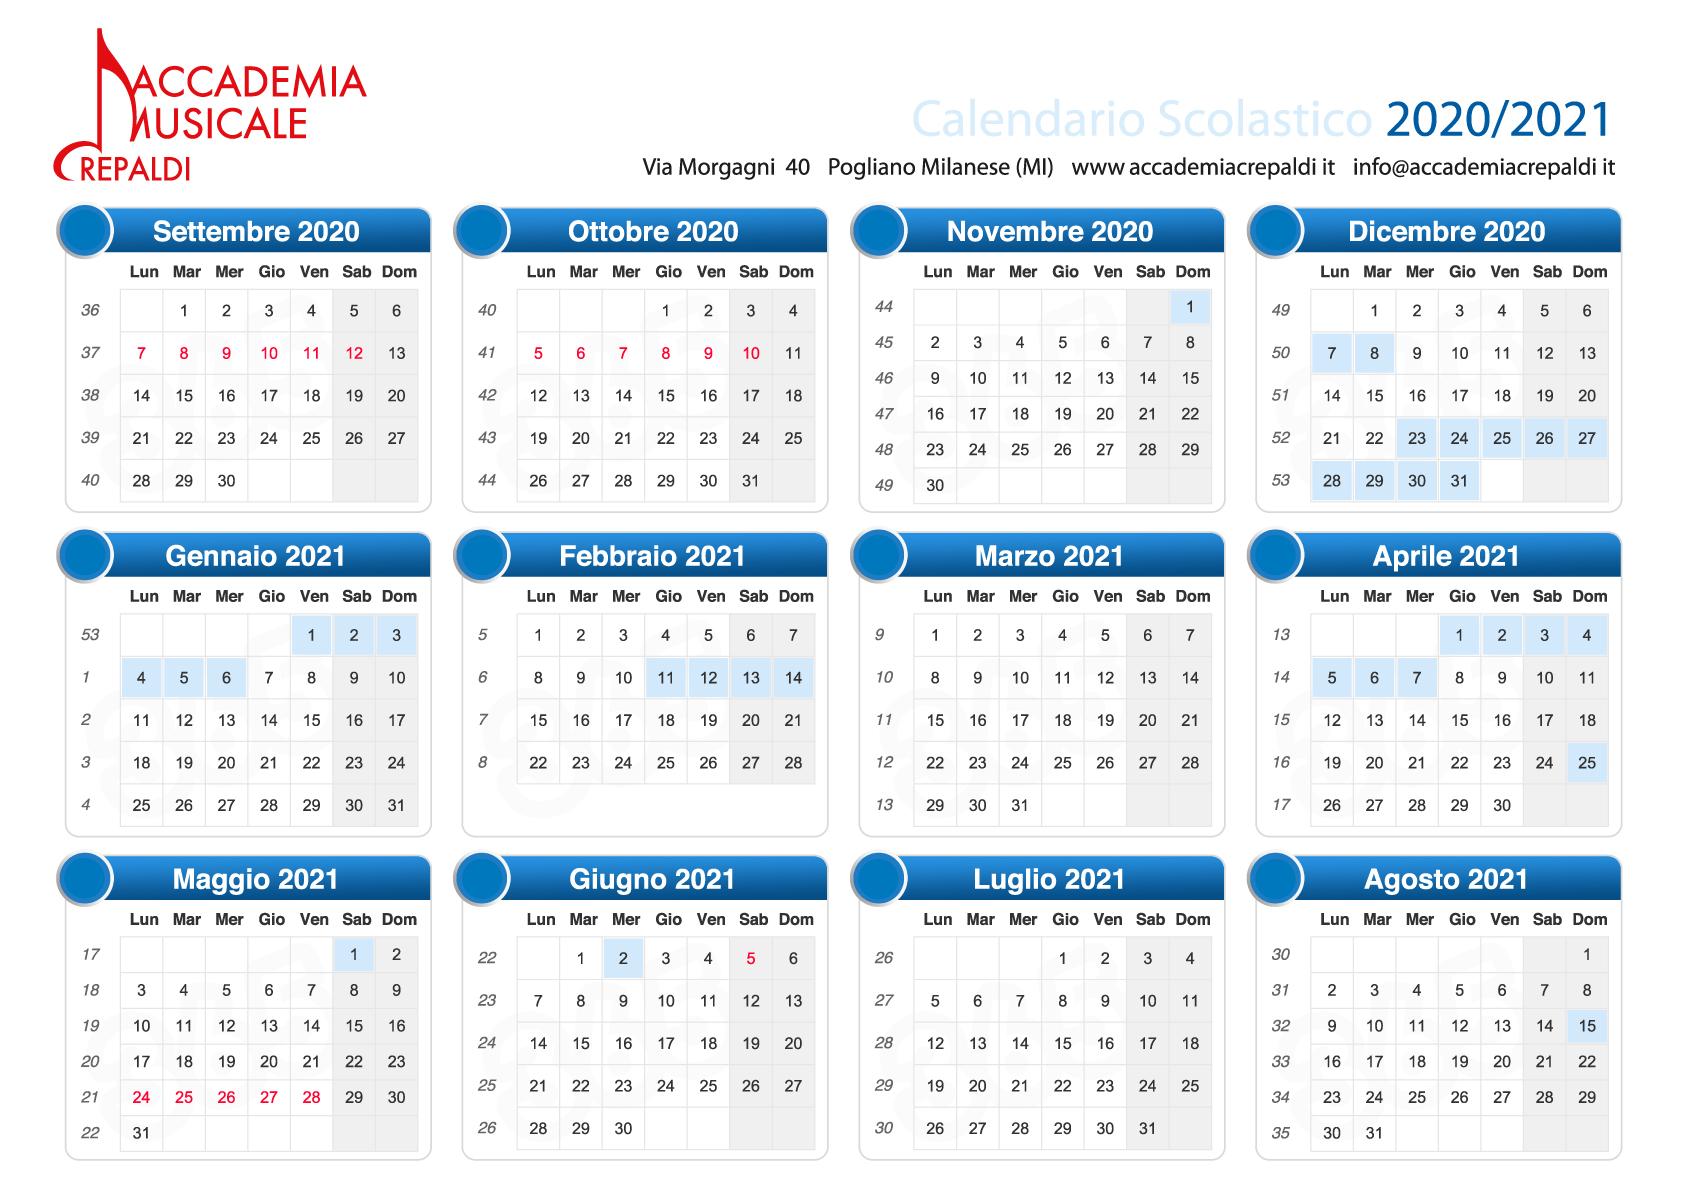 Accademia Musicale Crepaldi - Calendario scolastico 20/21